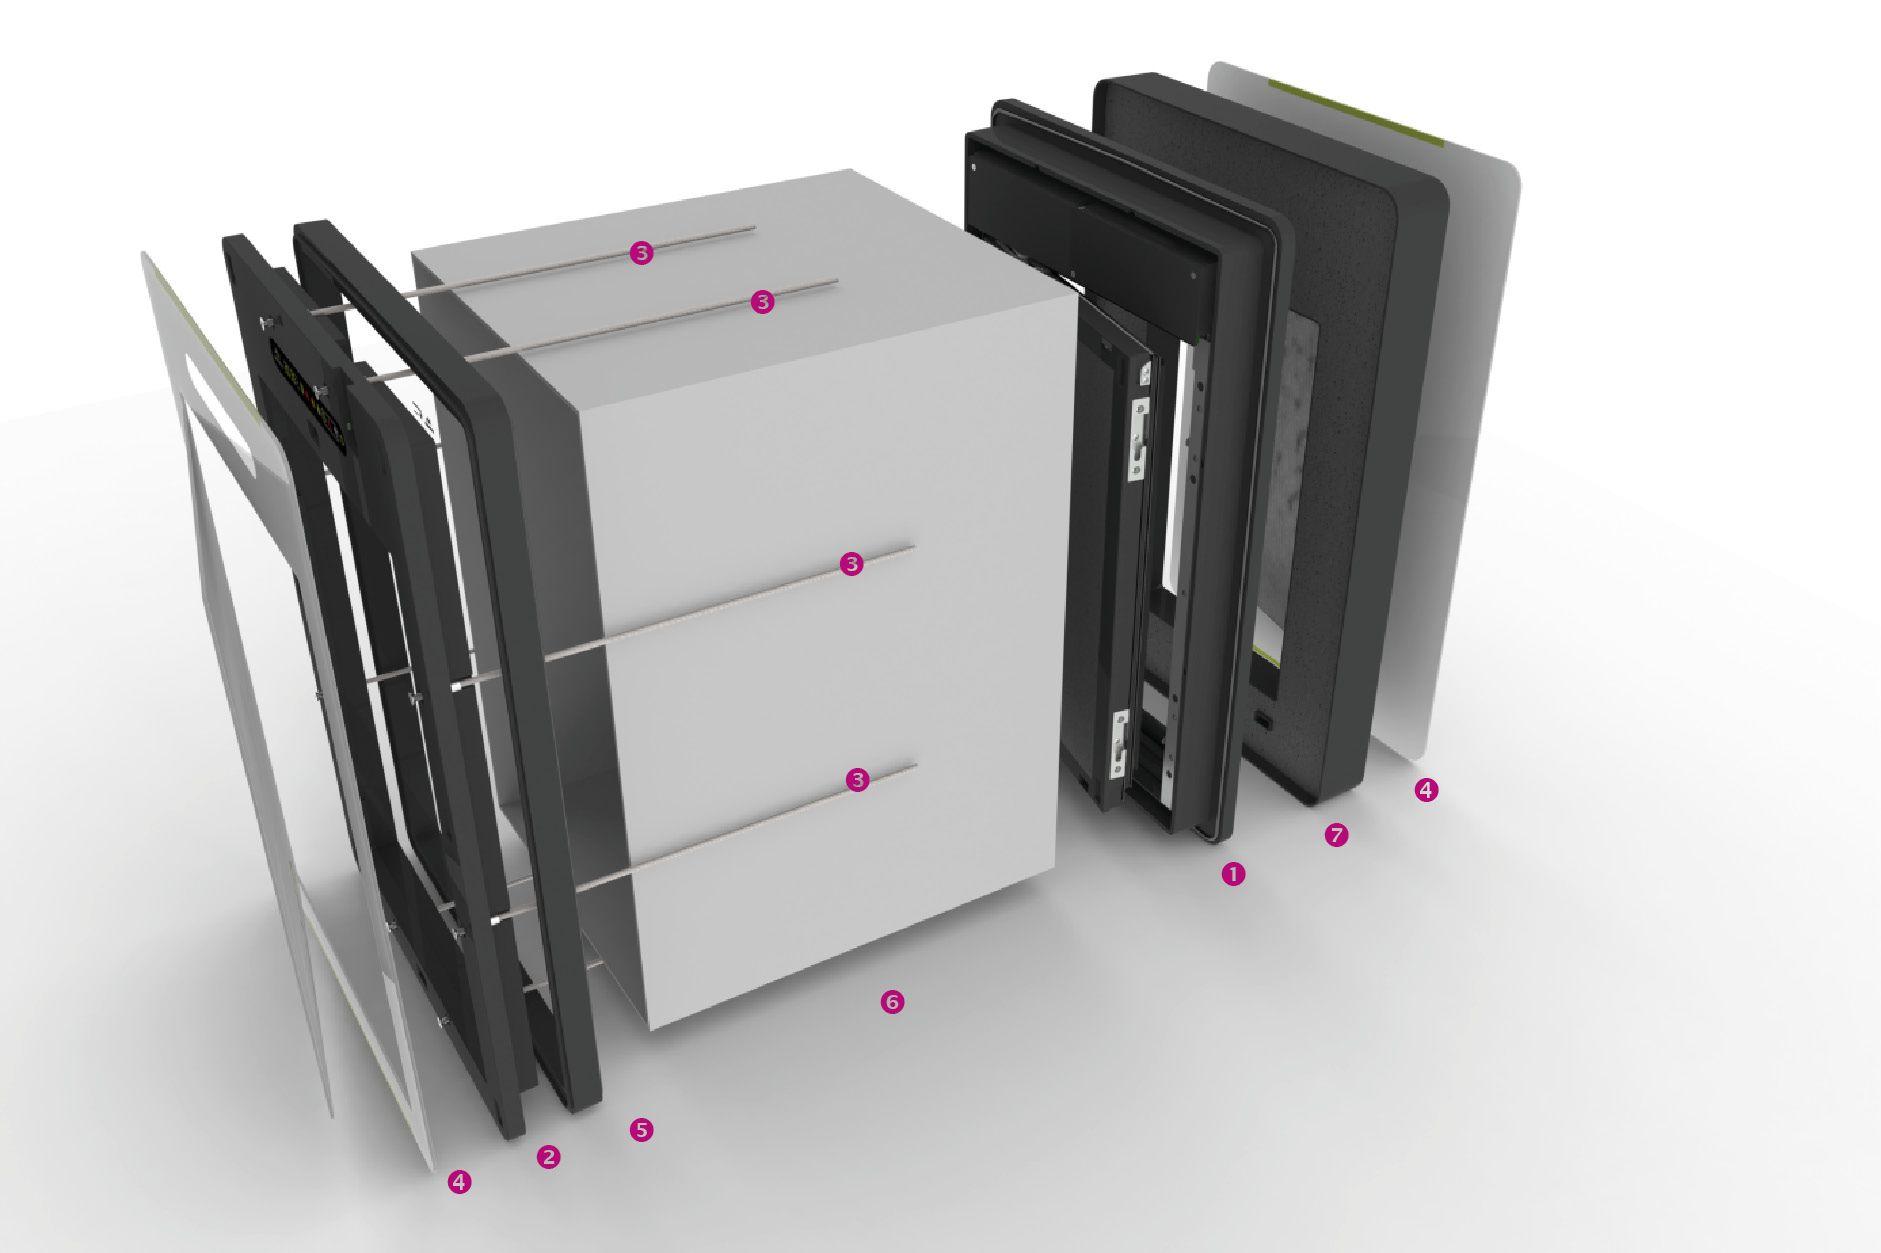 pin von lautsprecher auf petwalk pinterest heizkosten sparen sparen und weg. Black Bedroom Furniture Sets. Home Design Ideas